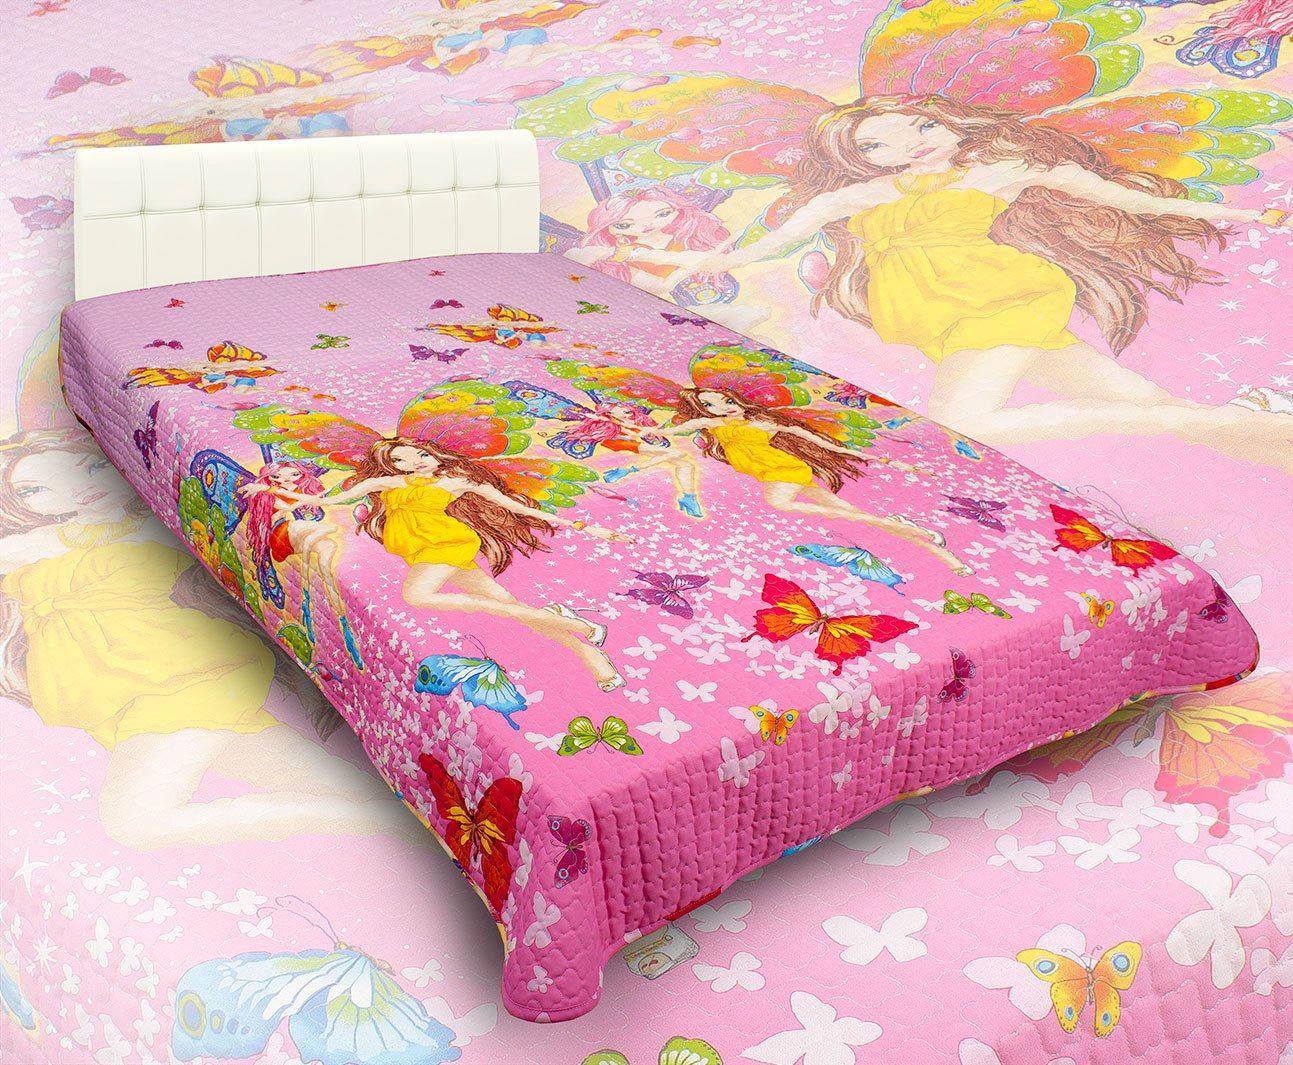 Детские покрывала, подушки, одеяла AlViTek Детское покрывало Красотки (150х215 см) покрывало рафаэль поплин 150х215